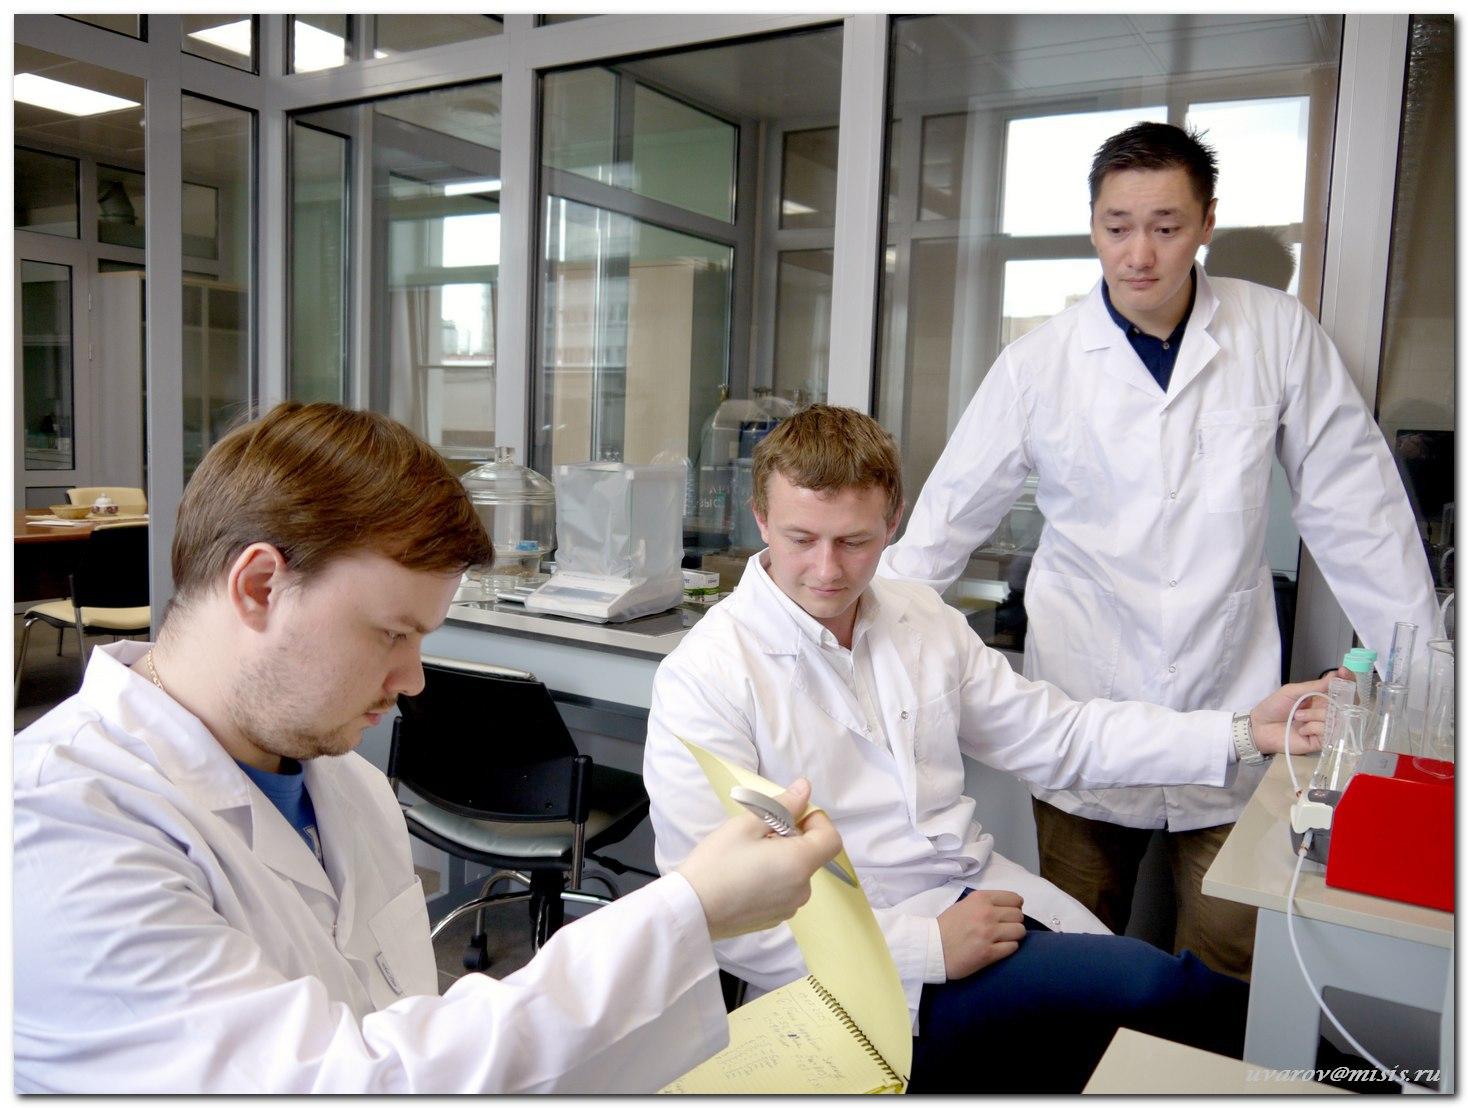 Лабораторный анализ наночастиц пыли или как узнать, чем мы дышим? - 3